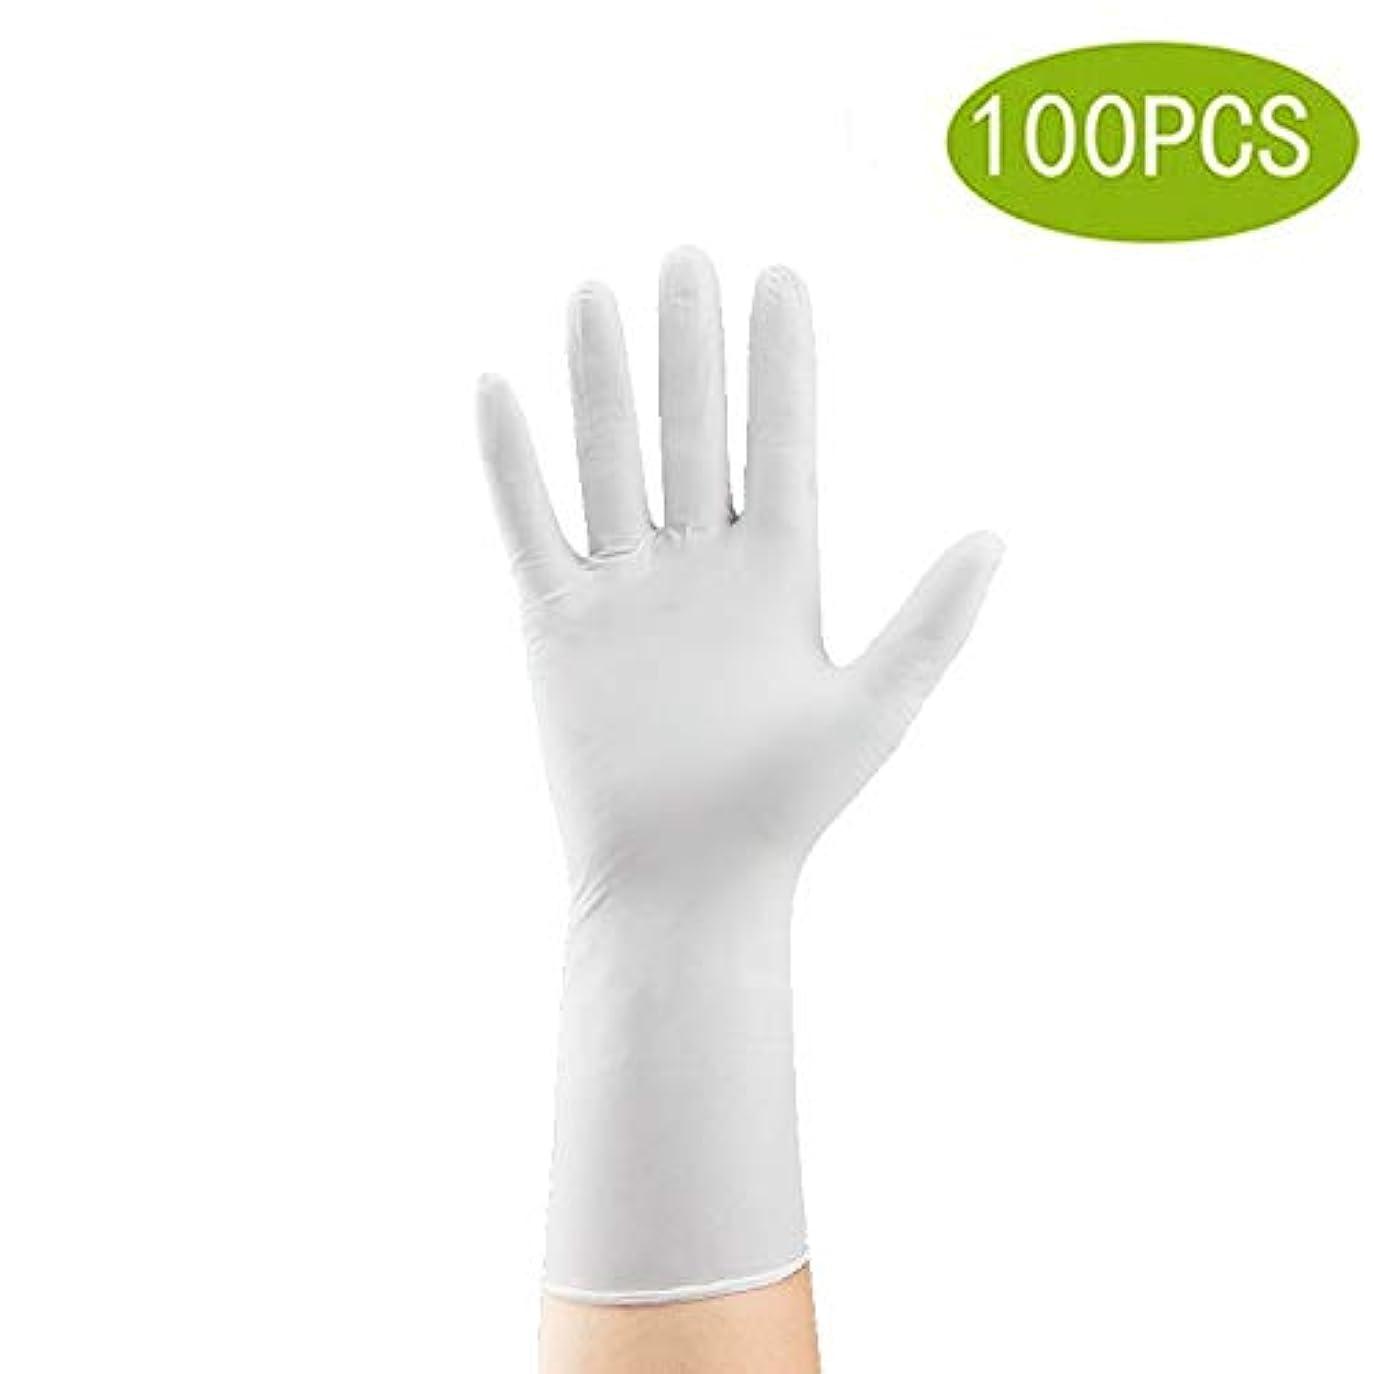 借りているグリーンランドゲスト12インチメディカル試験ラテックス手袋| Jewelry-stores.co.uk5ミル厚、100個入りパウダーフリー、無菌、頑丈な試験用手袋|病院用プロフェッショナルグレード、法執行機関、使い捨て安全手袋 (Size...